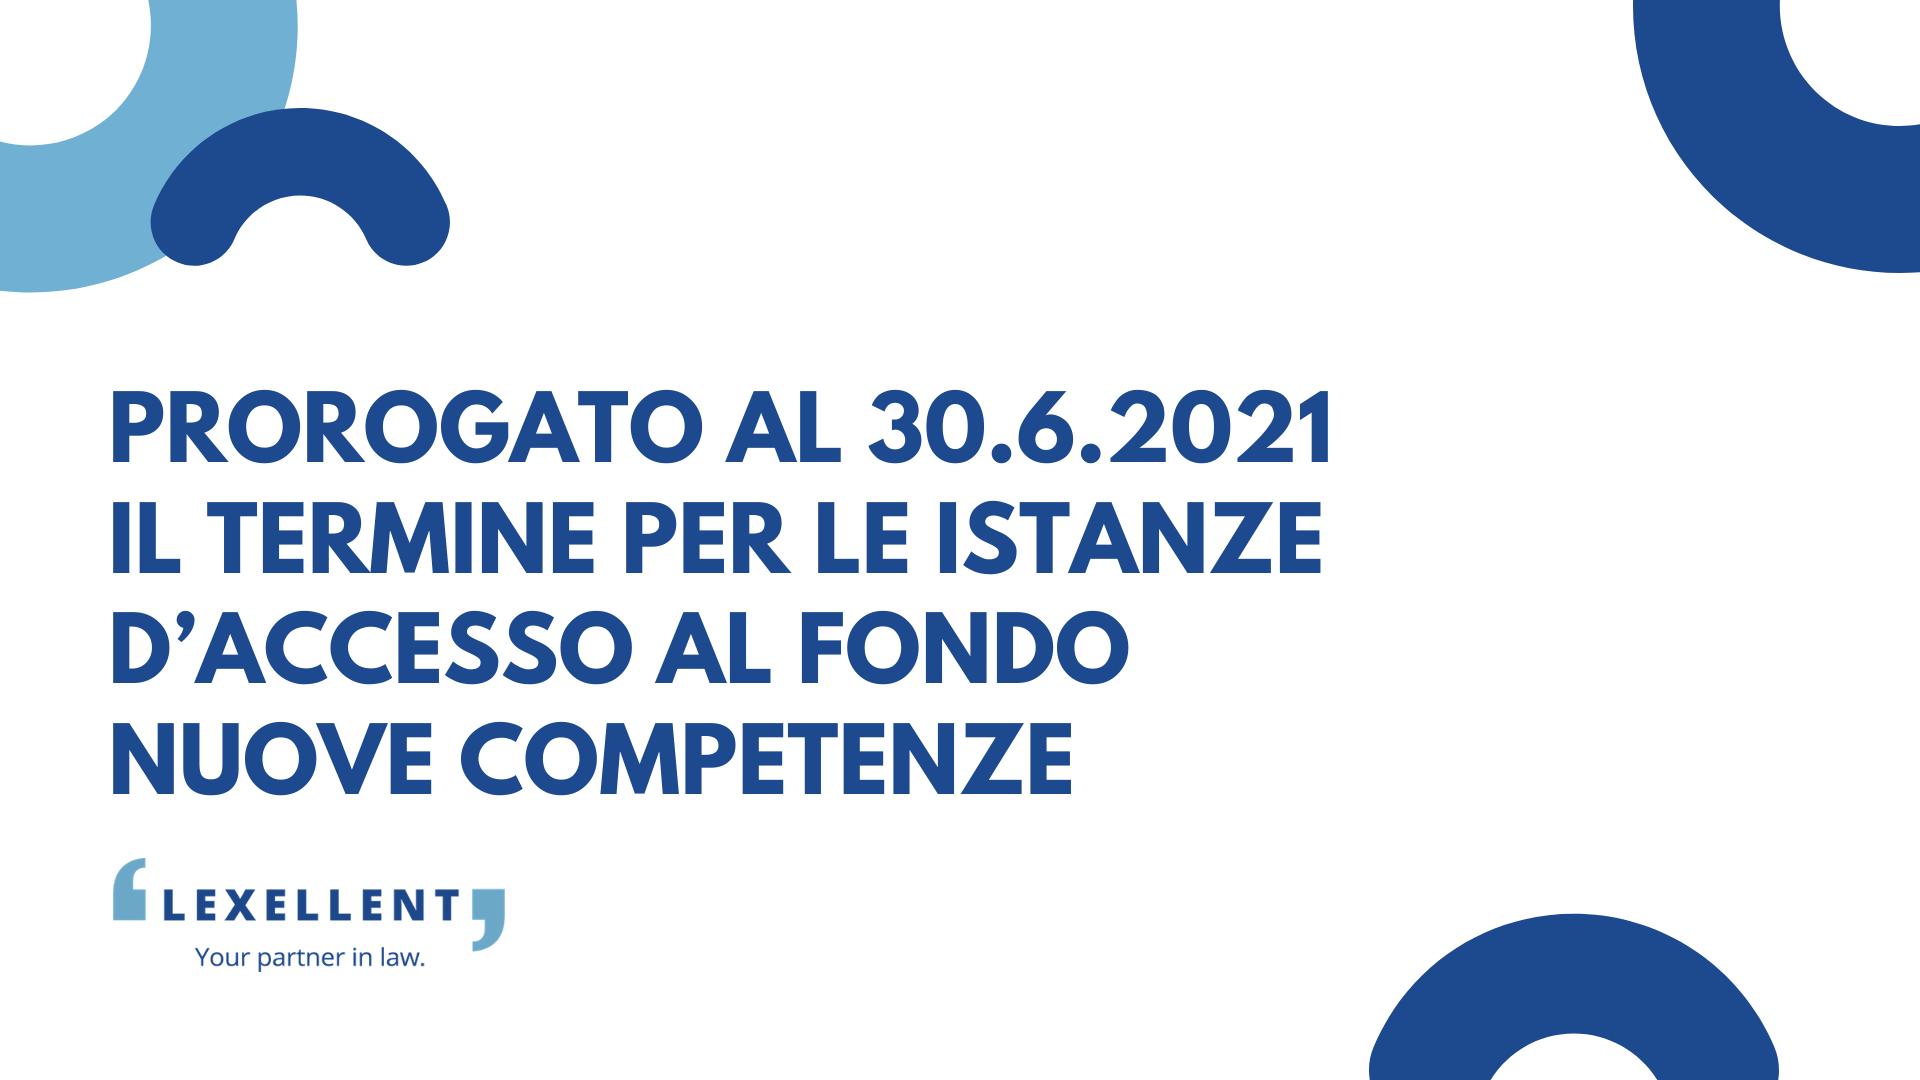 Prorogato al 30.6.2021 il termine per le istanze d'accesso al Fondo Nuove Competenze